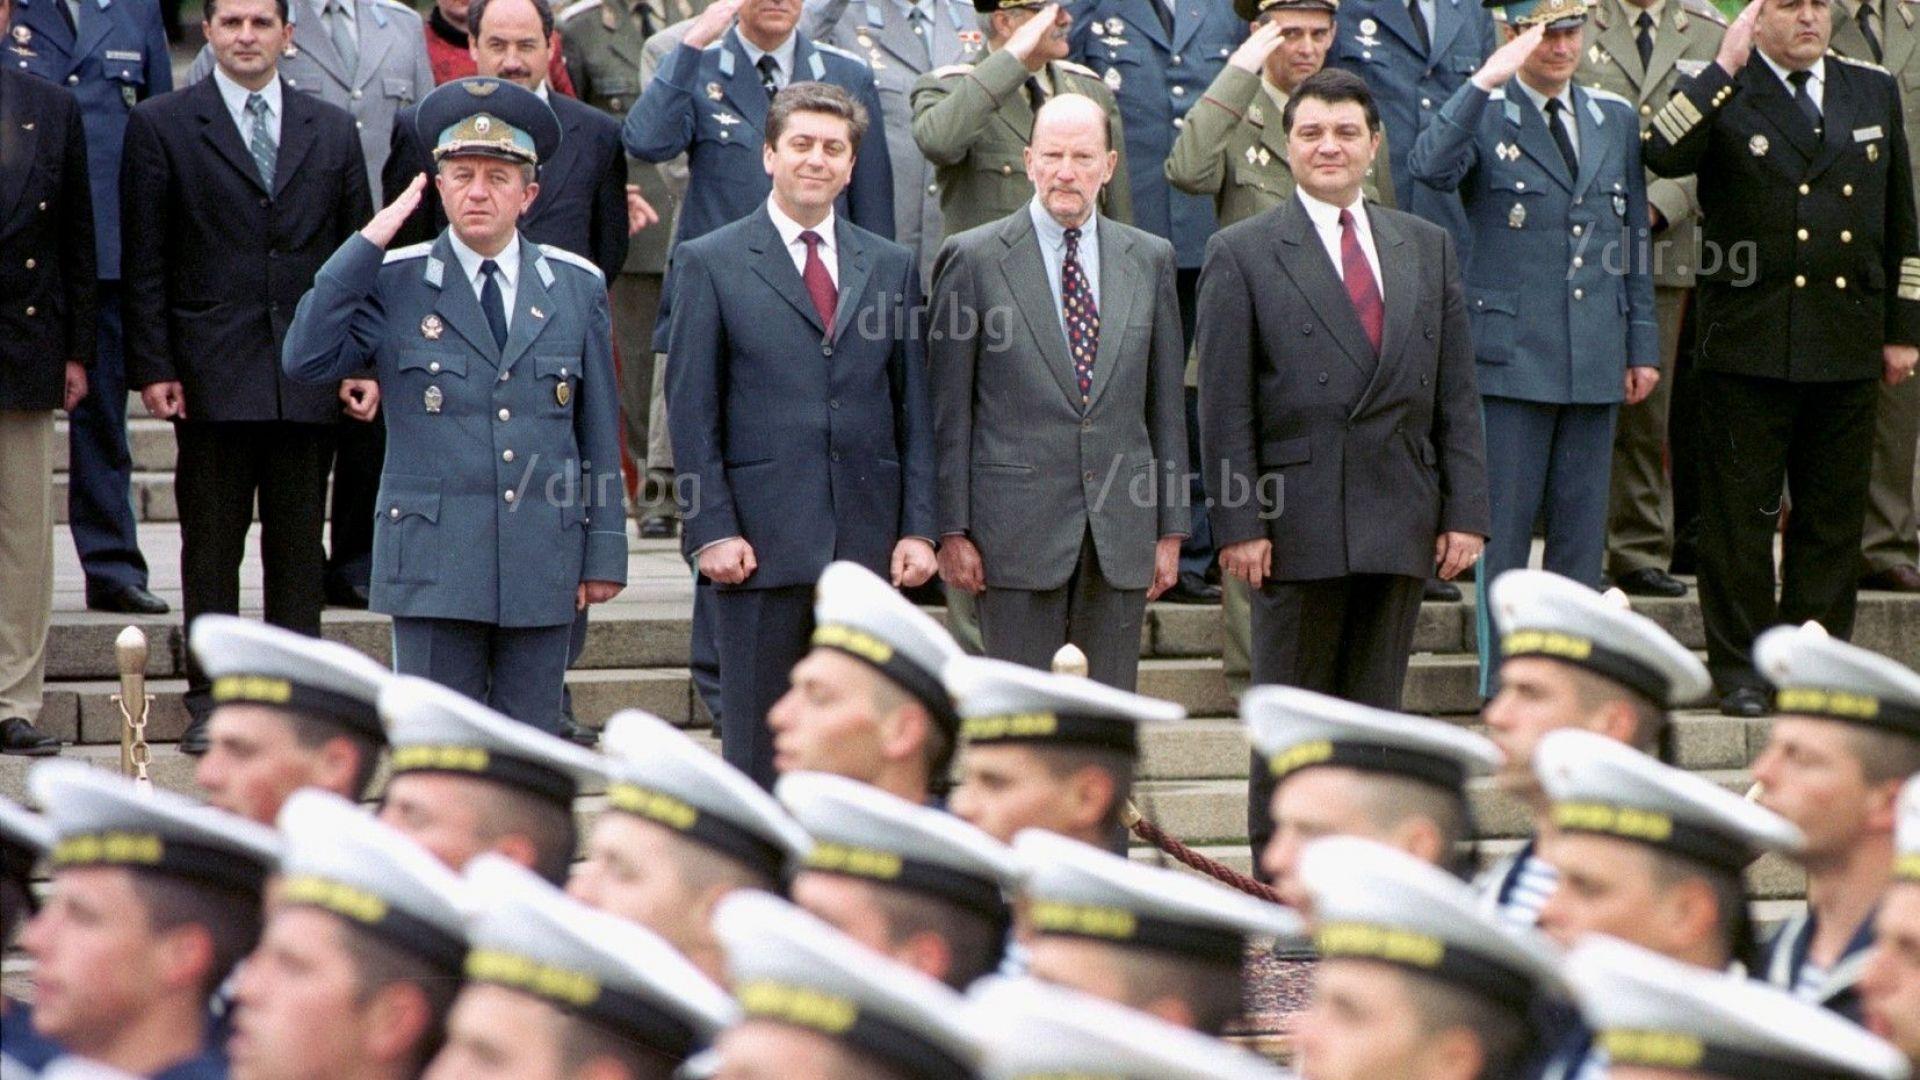 Парад на Гергьовден - май 2002 г.